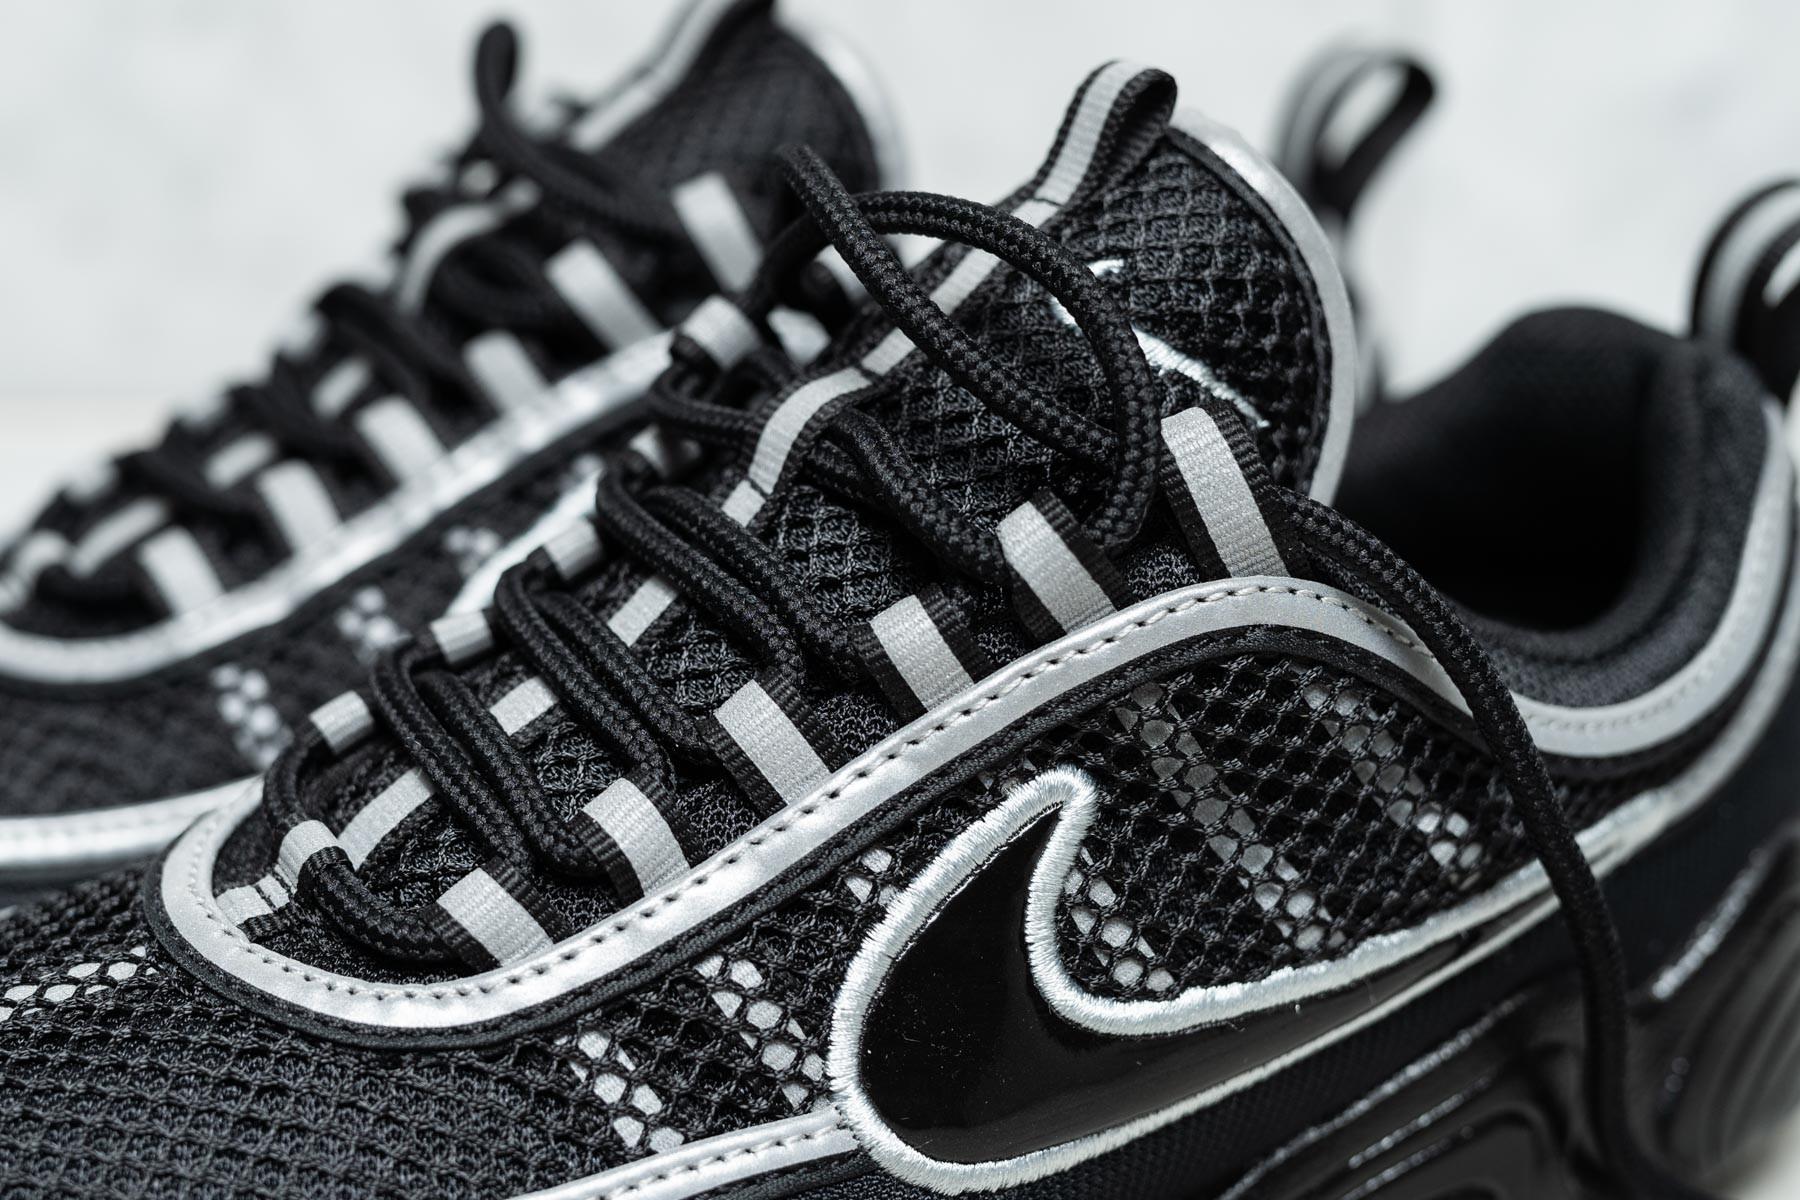 Tennis. Nike Air Zoom Spiridon '16 SE